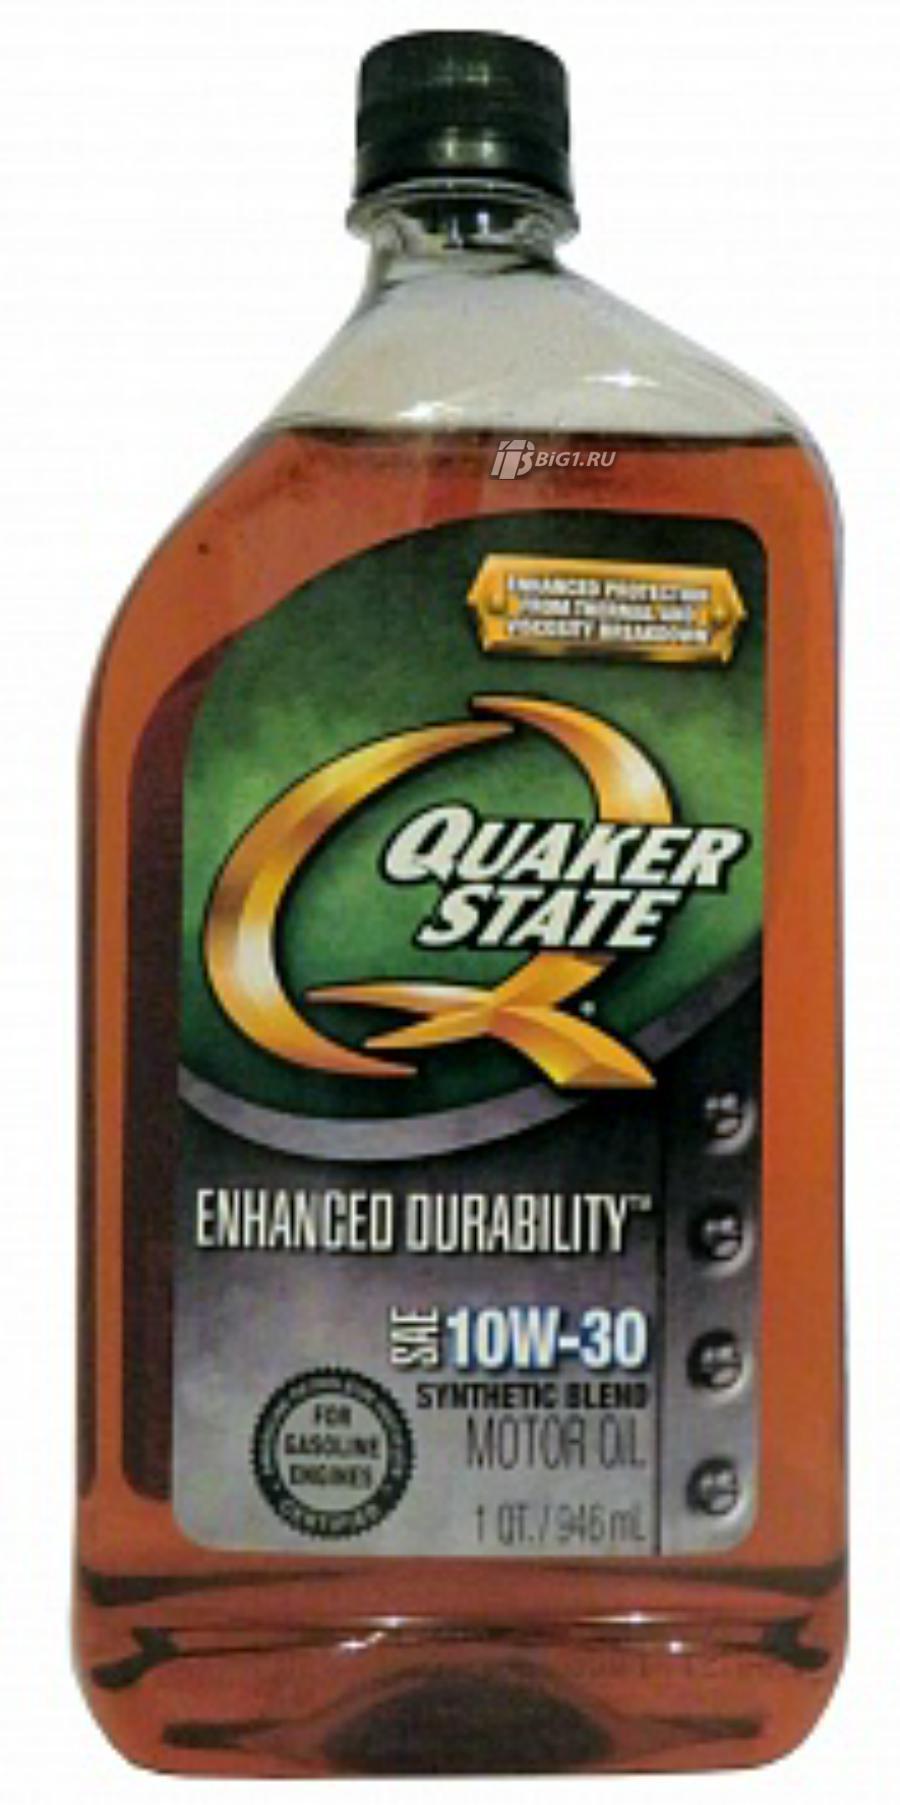 QUAKER STATE Enhanced Durability 10W-30